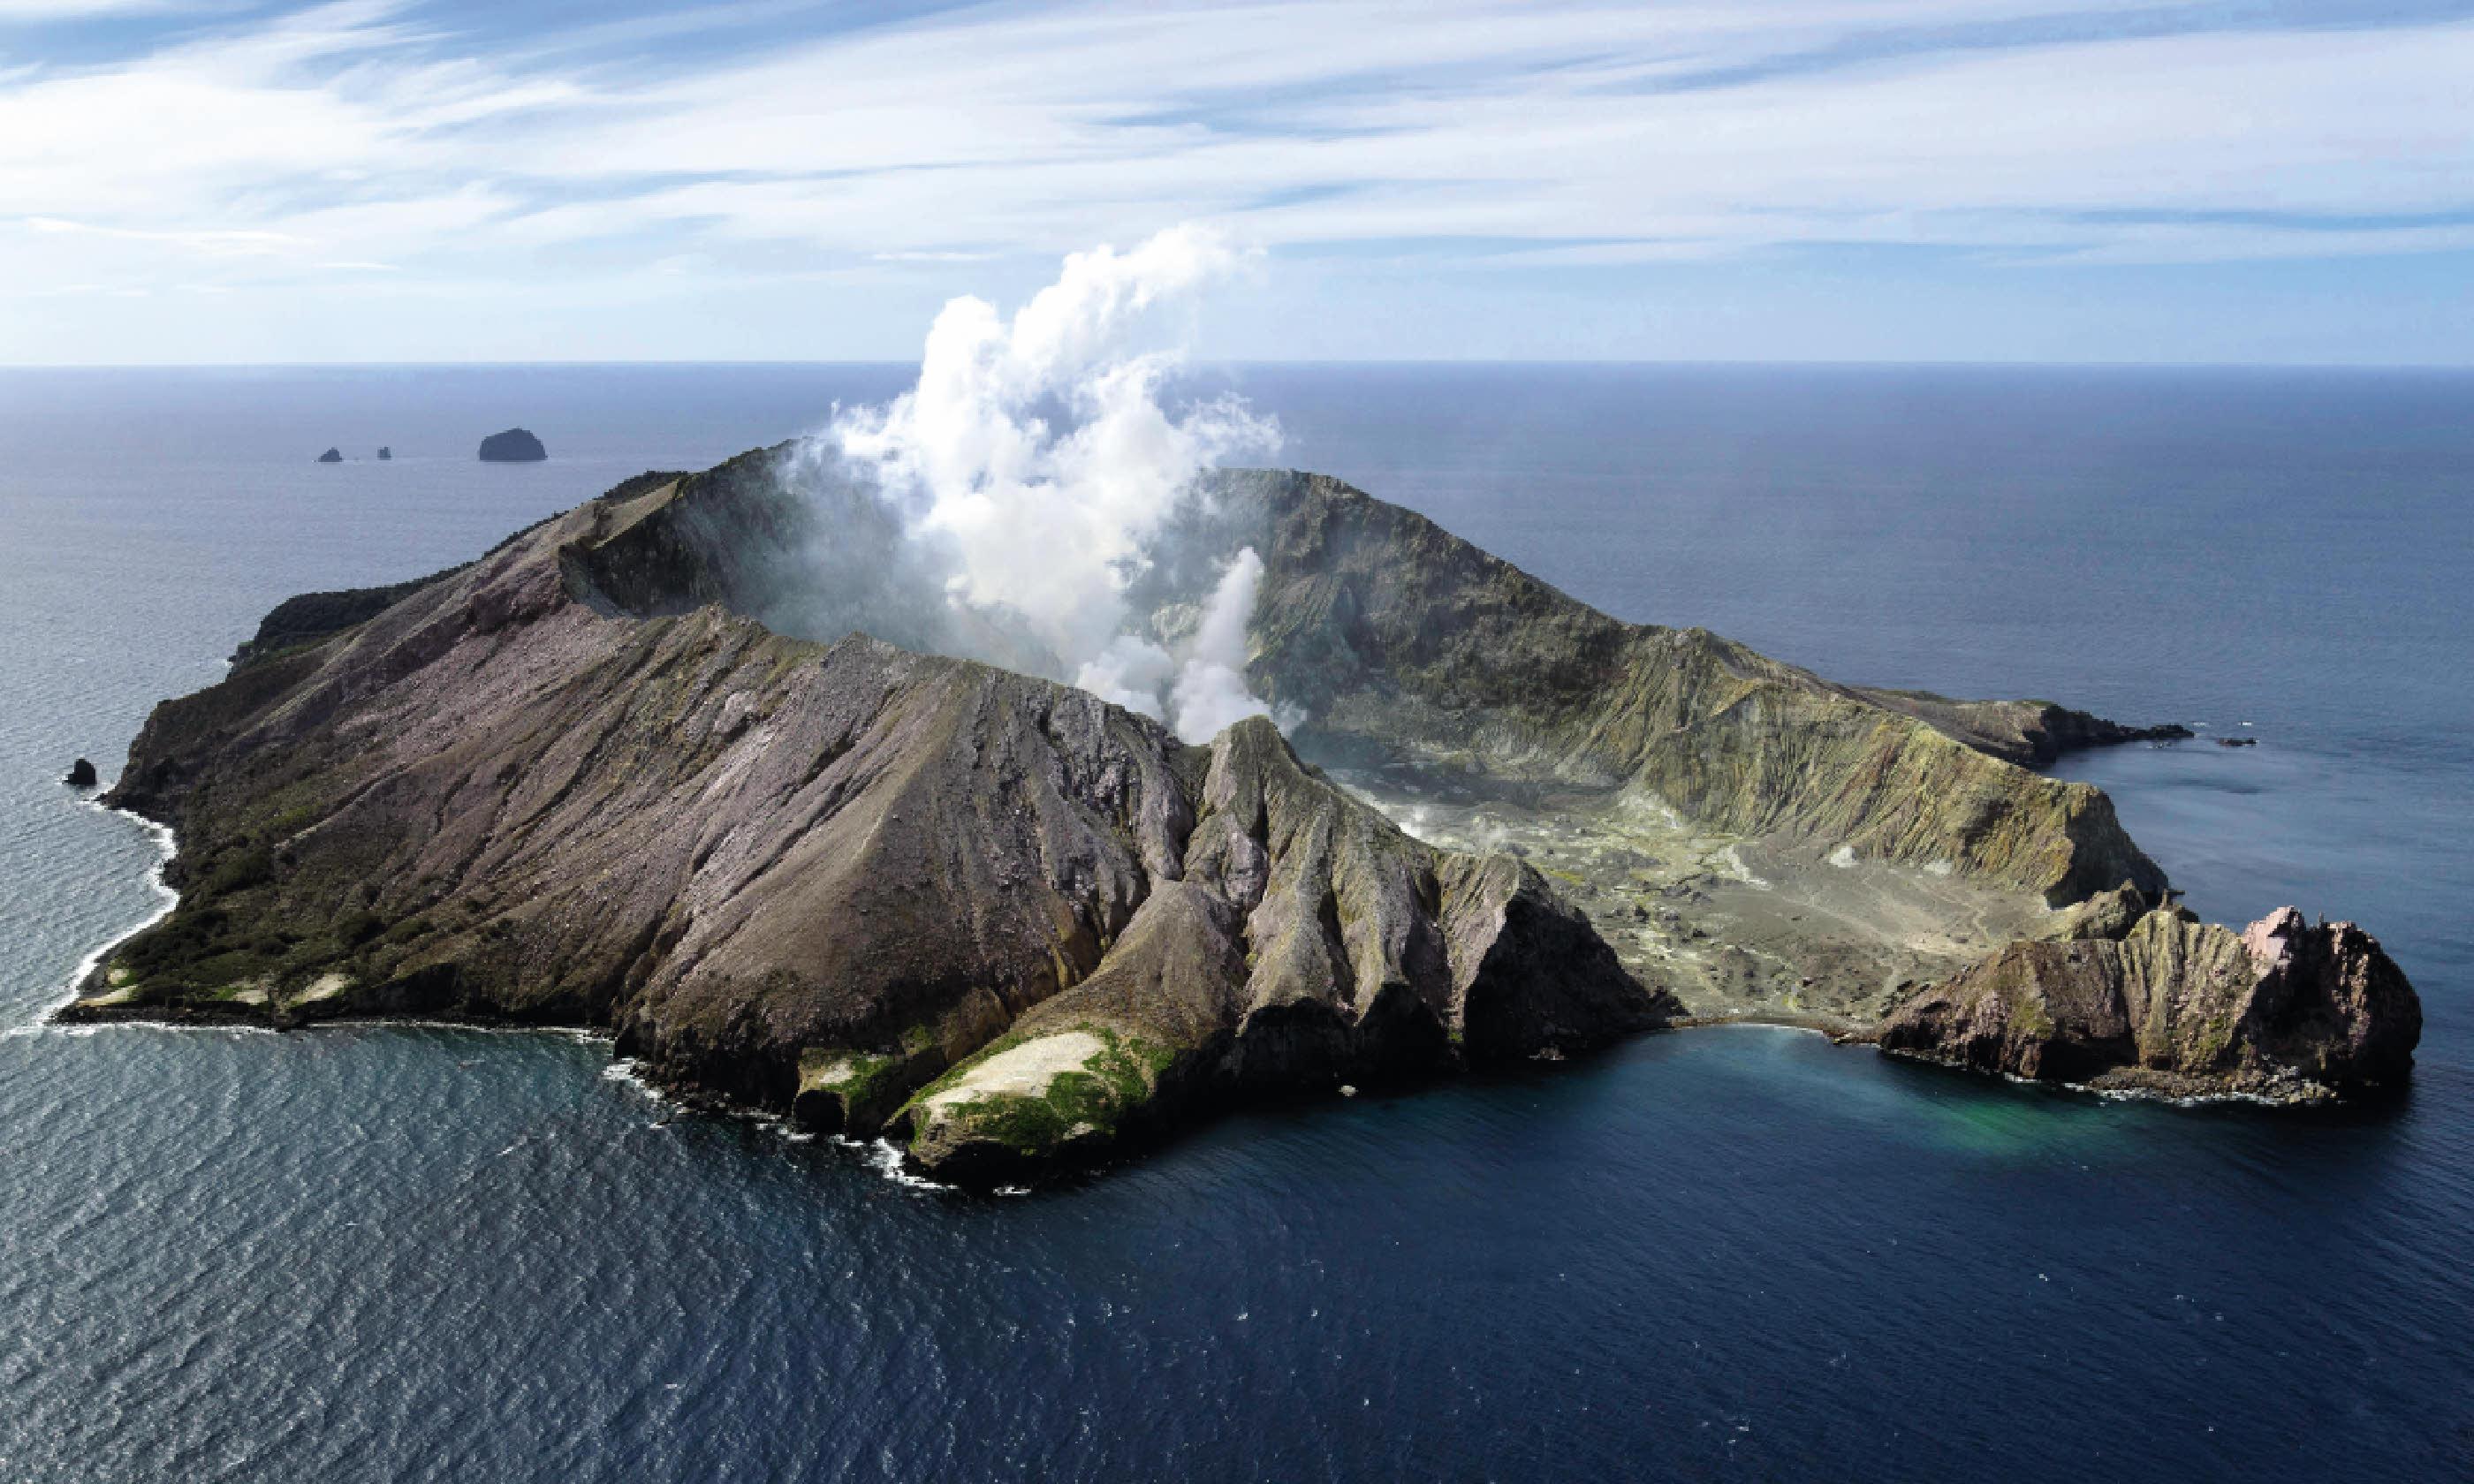 Геологи предложили добывать ценные металлы из-под вулканов